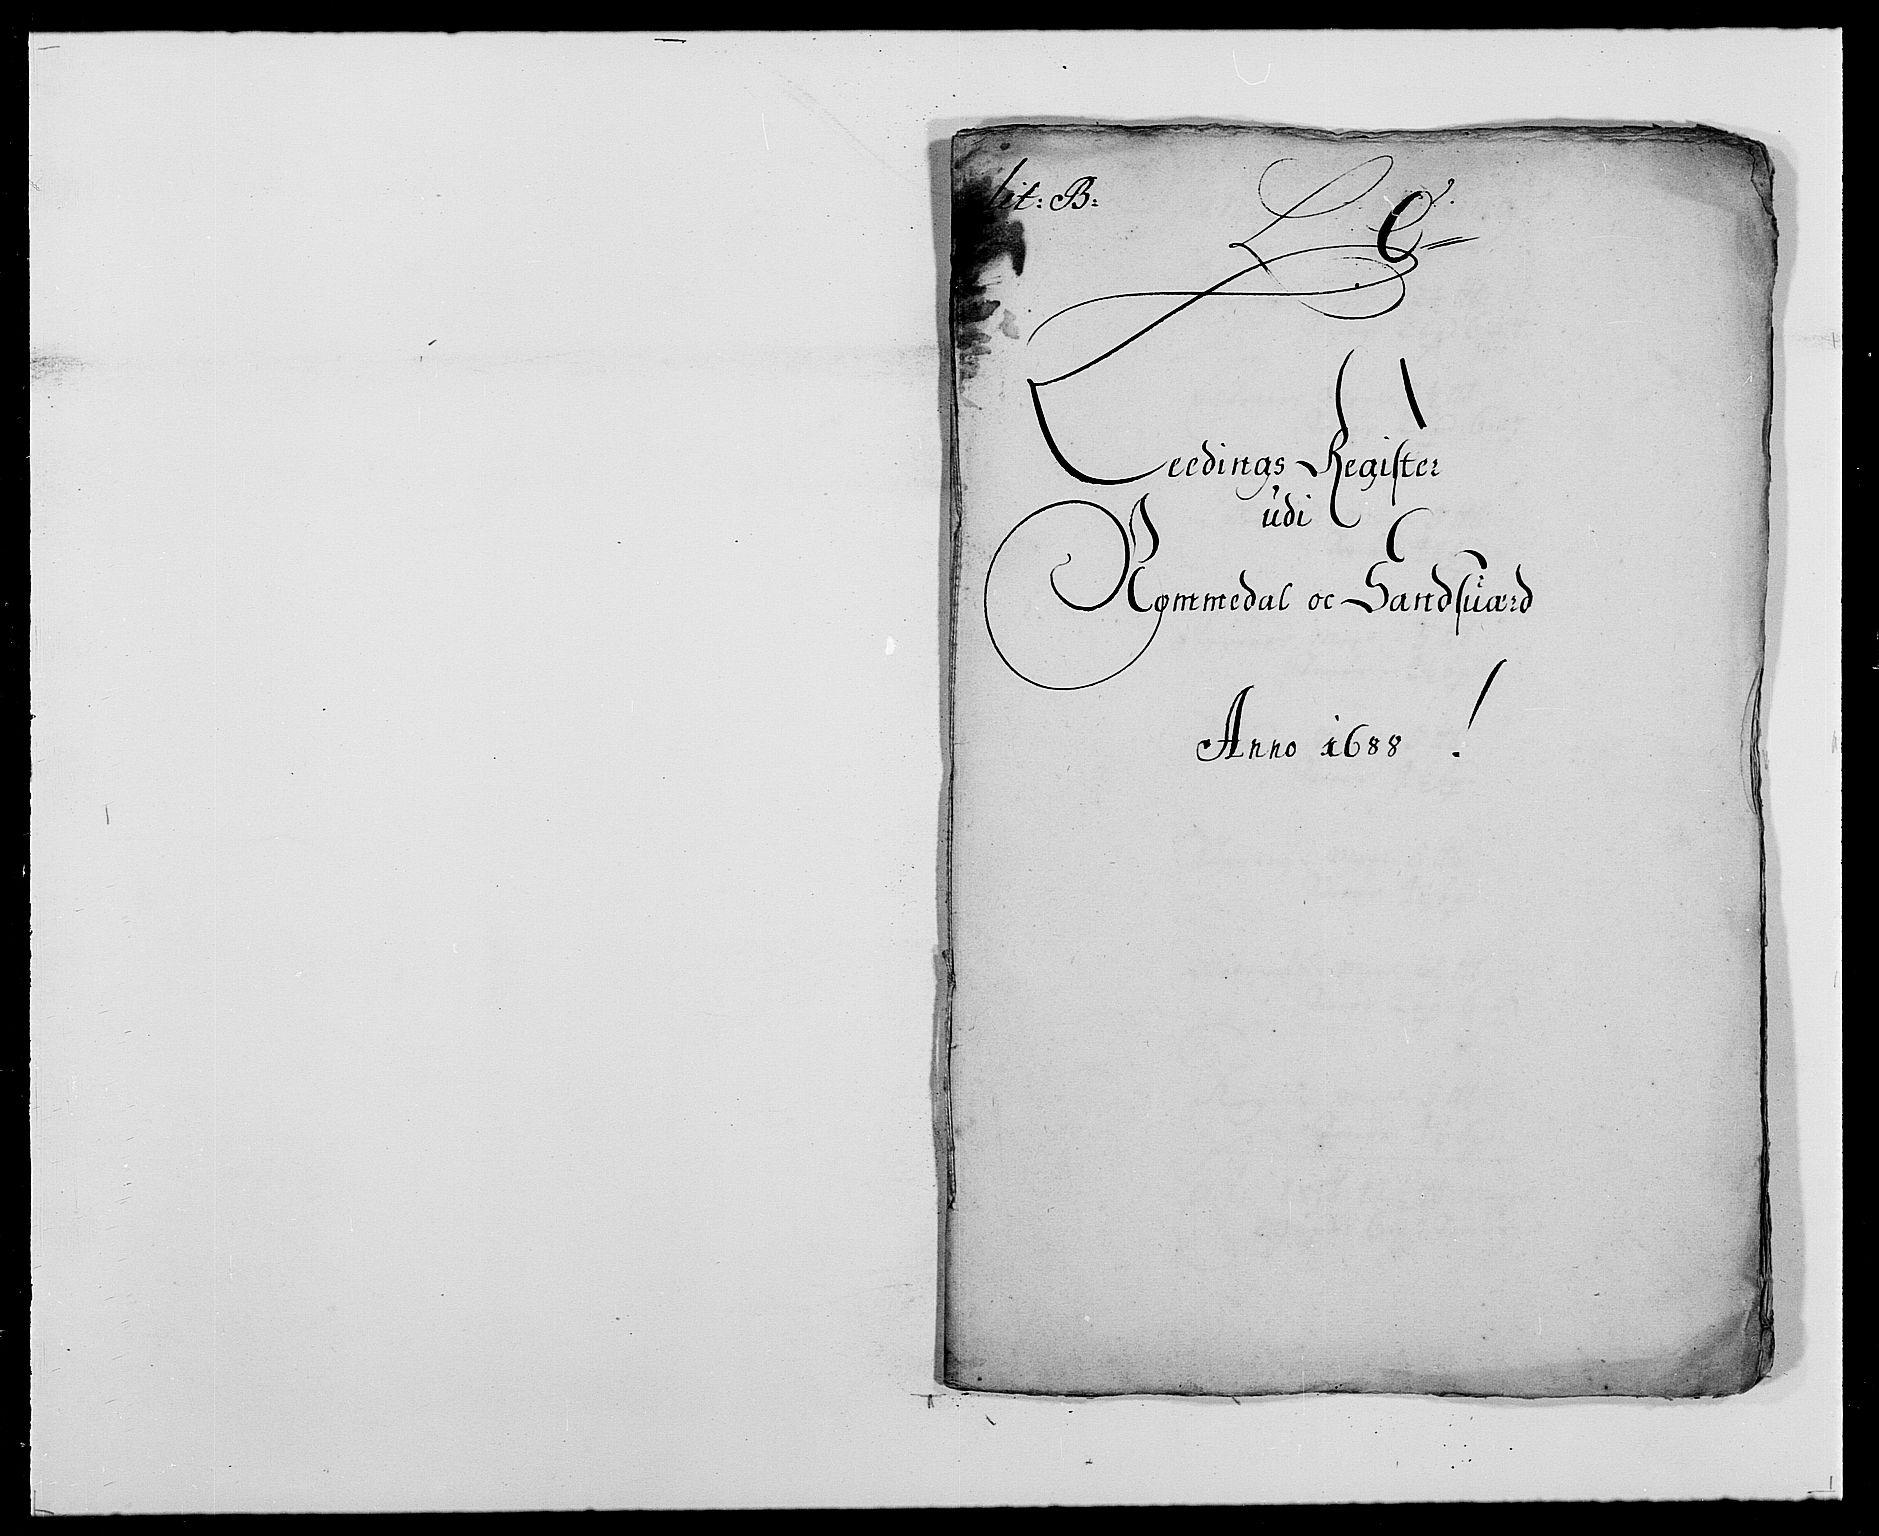 RA, Rentekammeret inntil 1814, Reviderte regnskaper, Fogderegnskap, R24/L1573: Fogderegnskap Numedal og Sandsvær, 1687-1691, s. 270